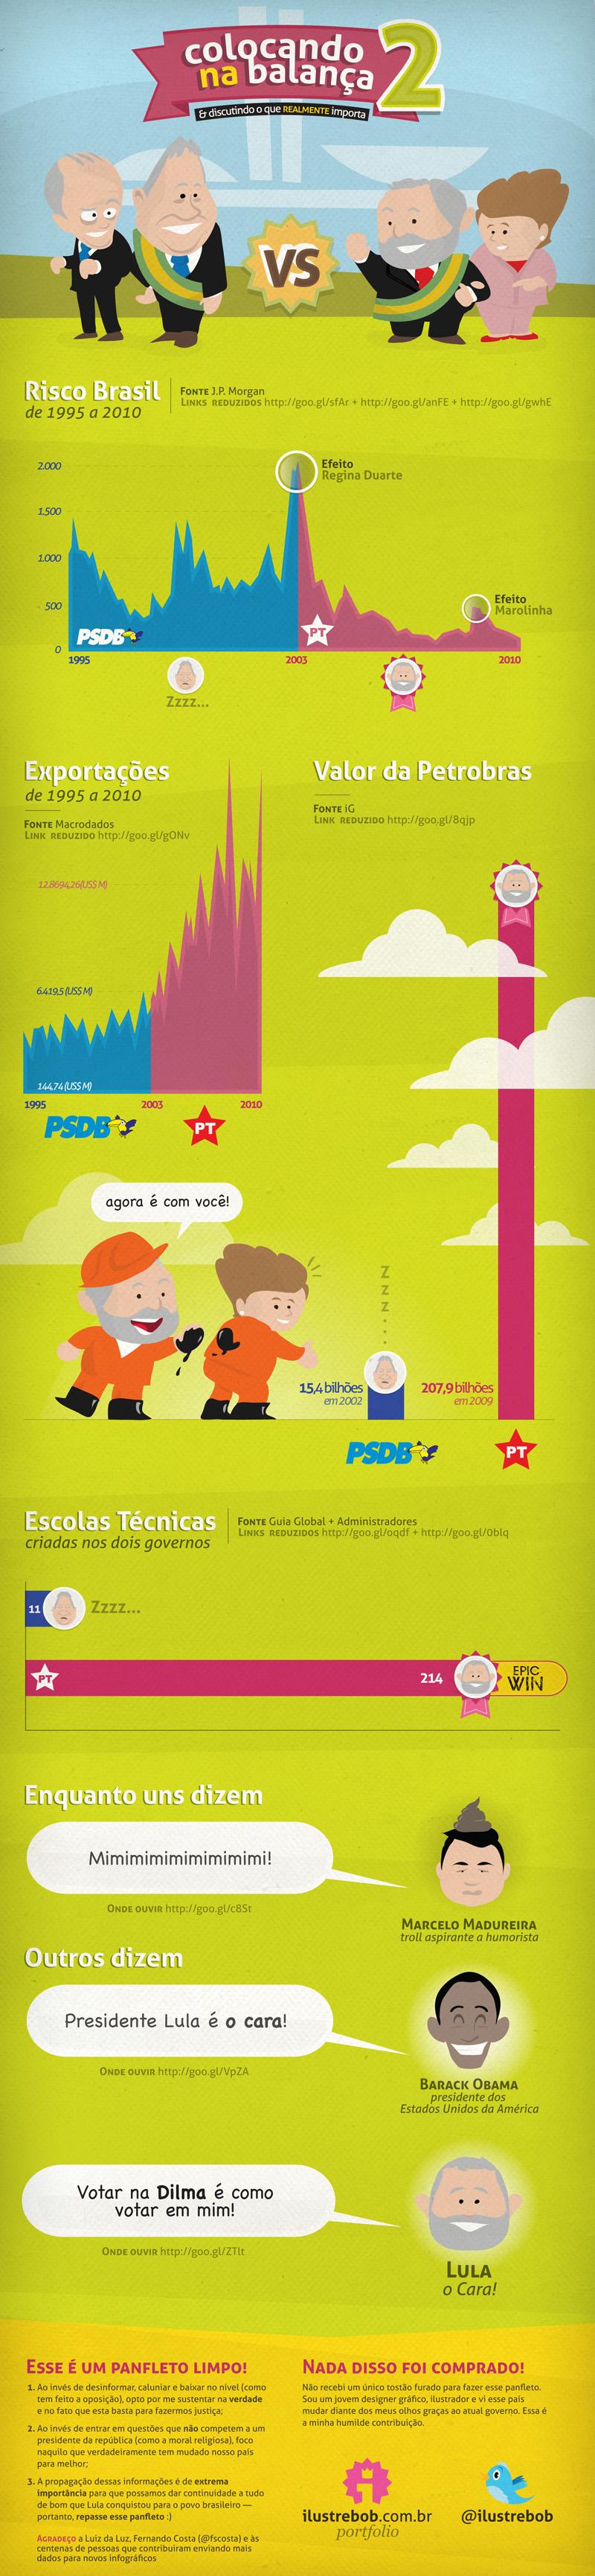 Comparação Lula-Dilma x FHC-Serra